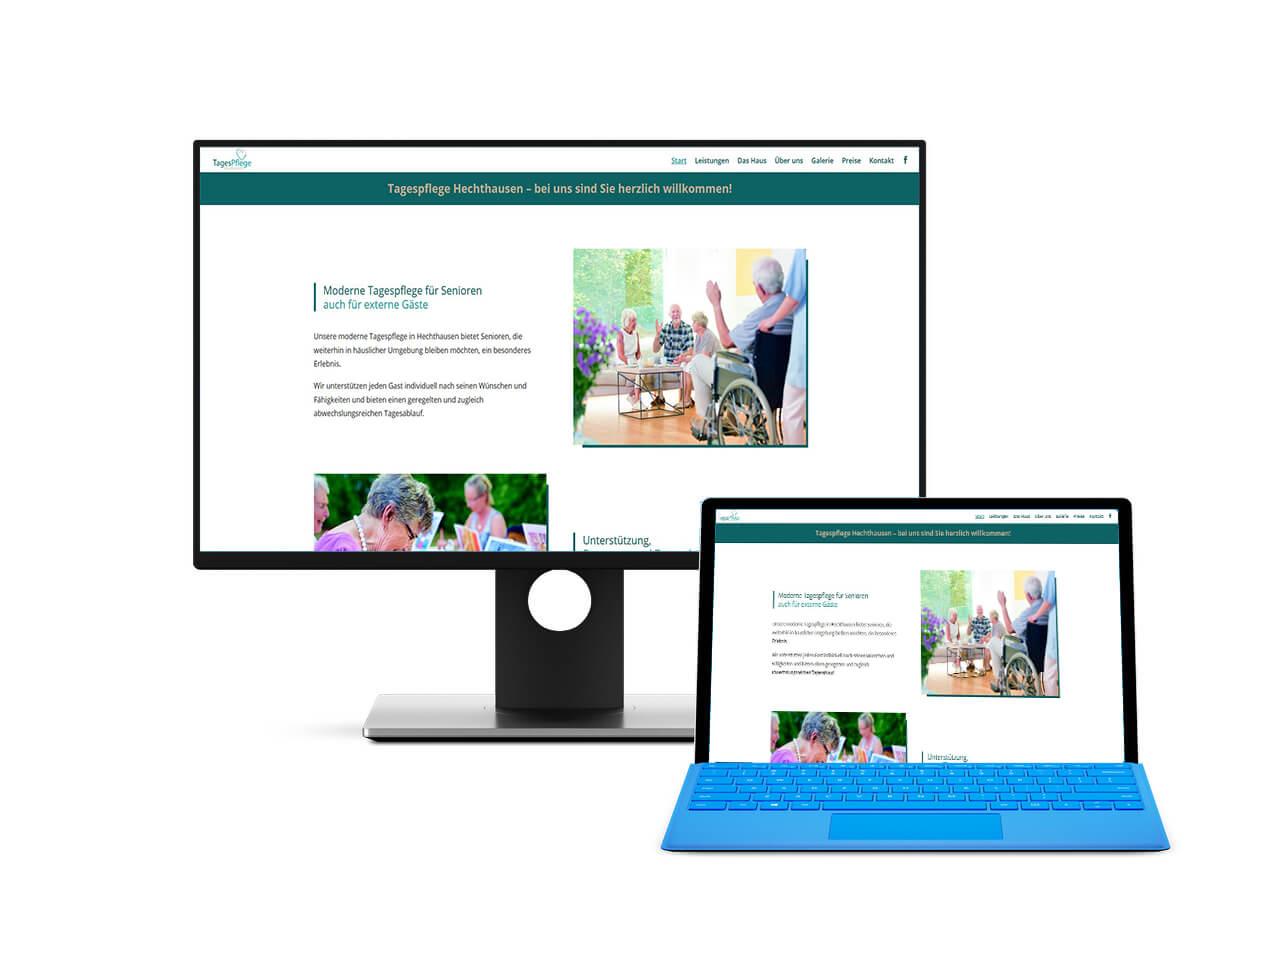 Screenshot der Website für die Tagespflege Hechthausen